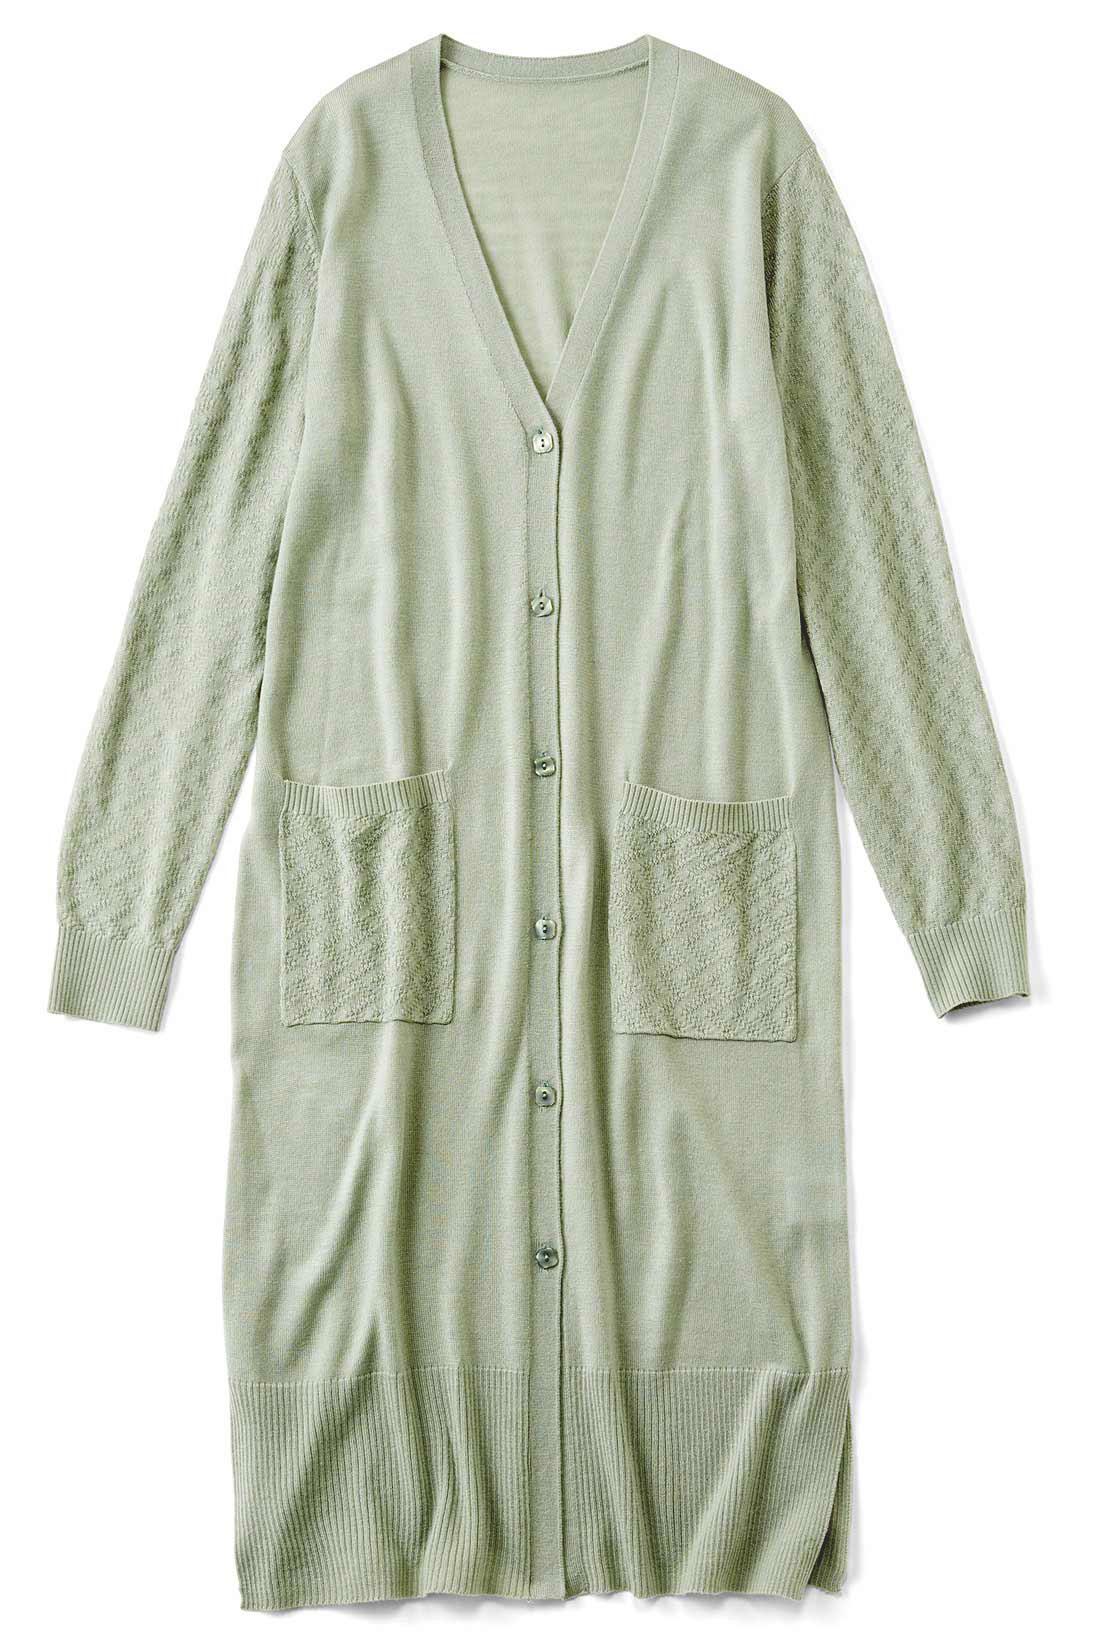 [うぐいす]袖とポケットは模様編み。気温差の激しいこれからの季節には、やっぱりはおりもの。